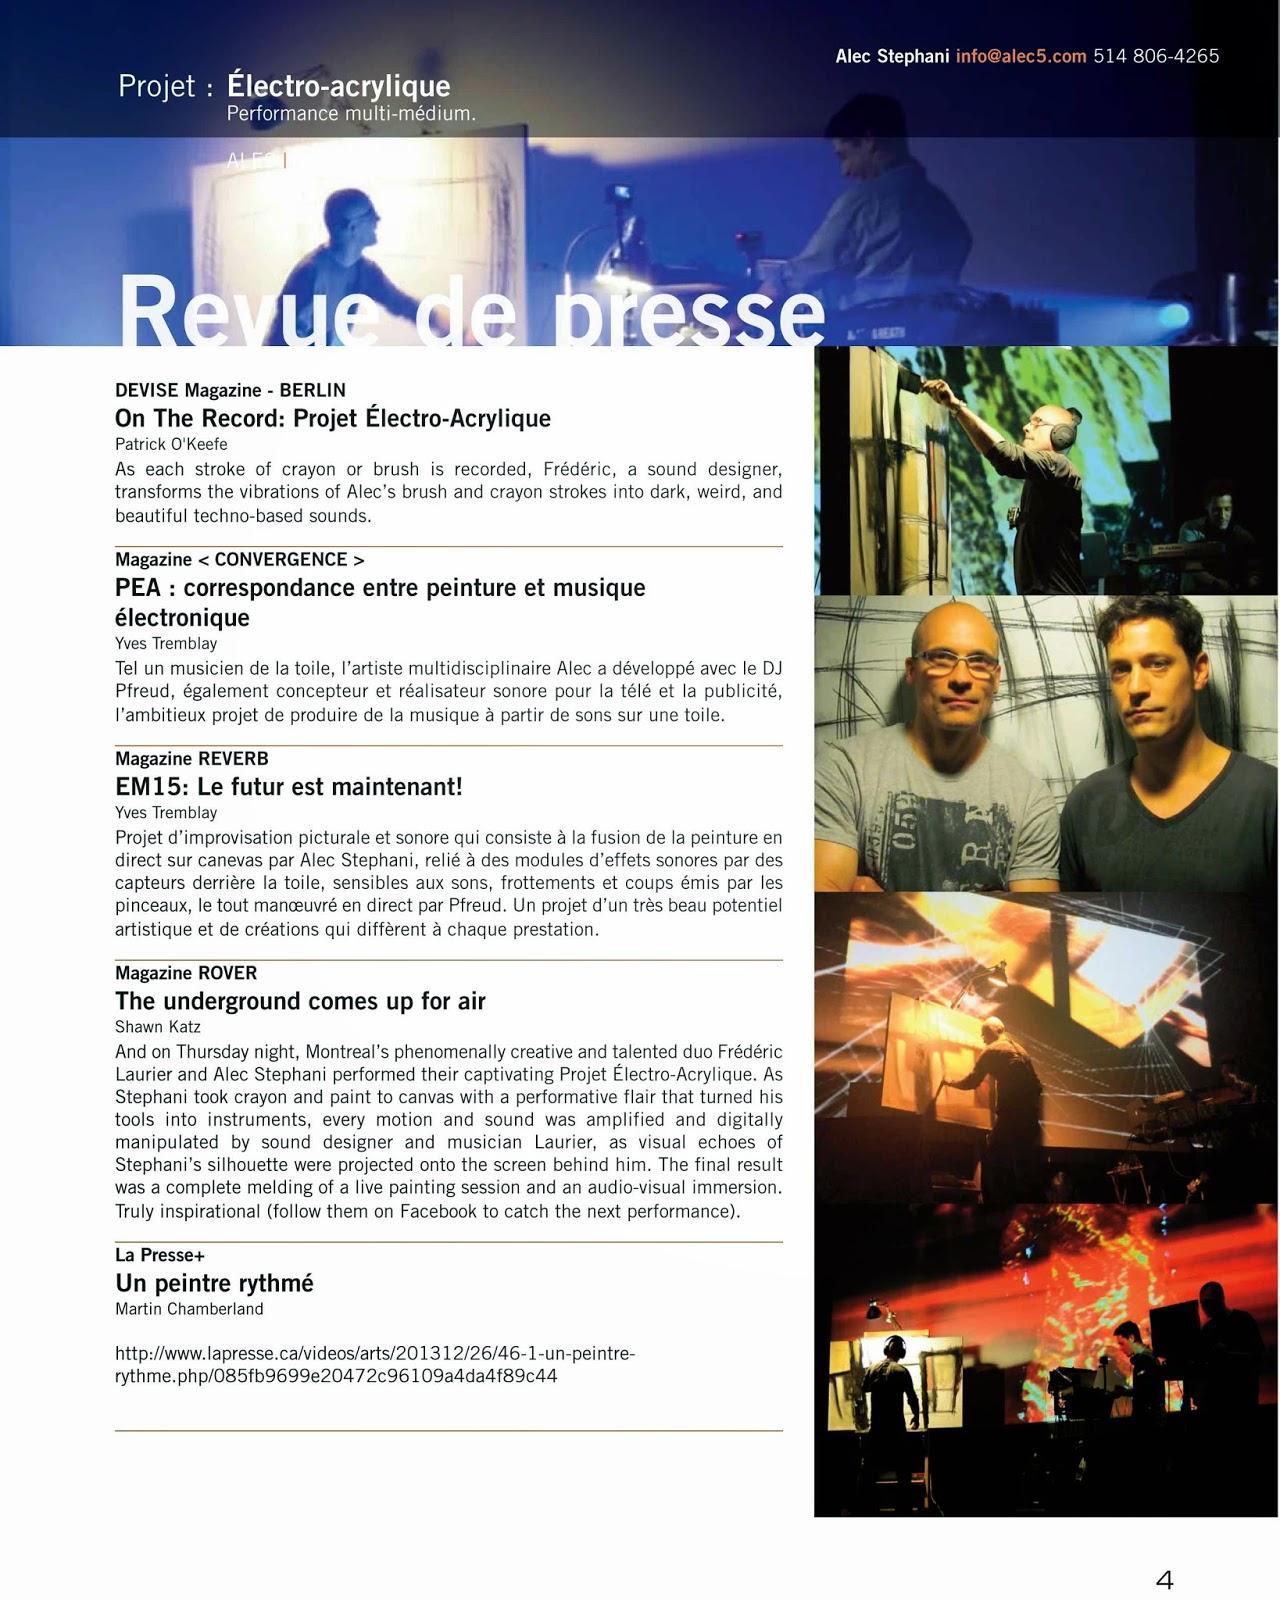 http://www.alec5.com/Projet-Electro-Acrylique-Revue.pdf